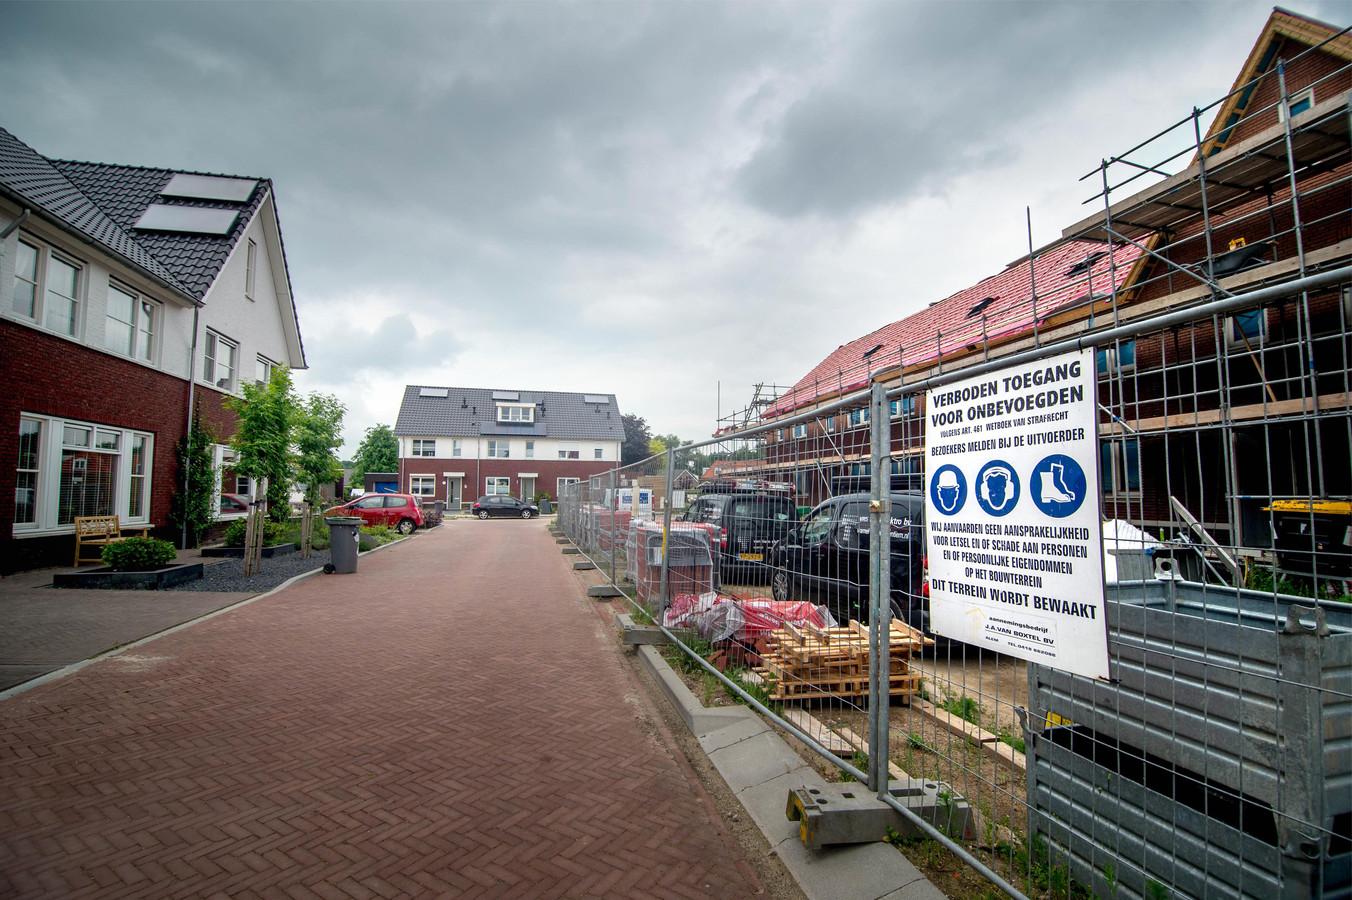 Het hoge rot in Hernen tijdens de bouw in 2017. Hier gaat het om koophuizen.